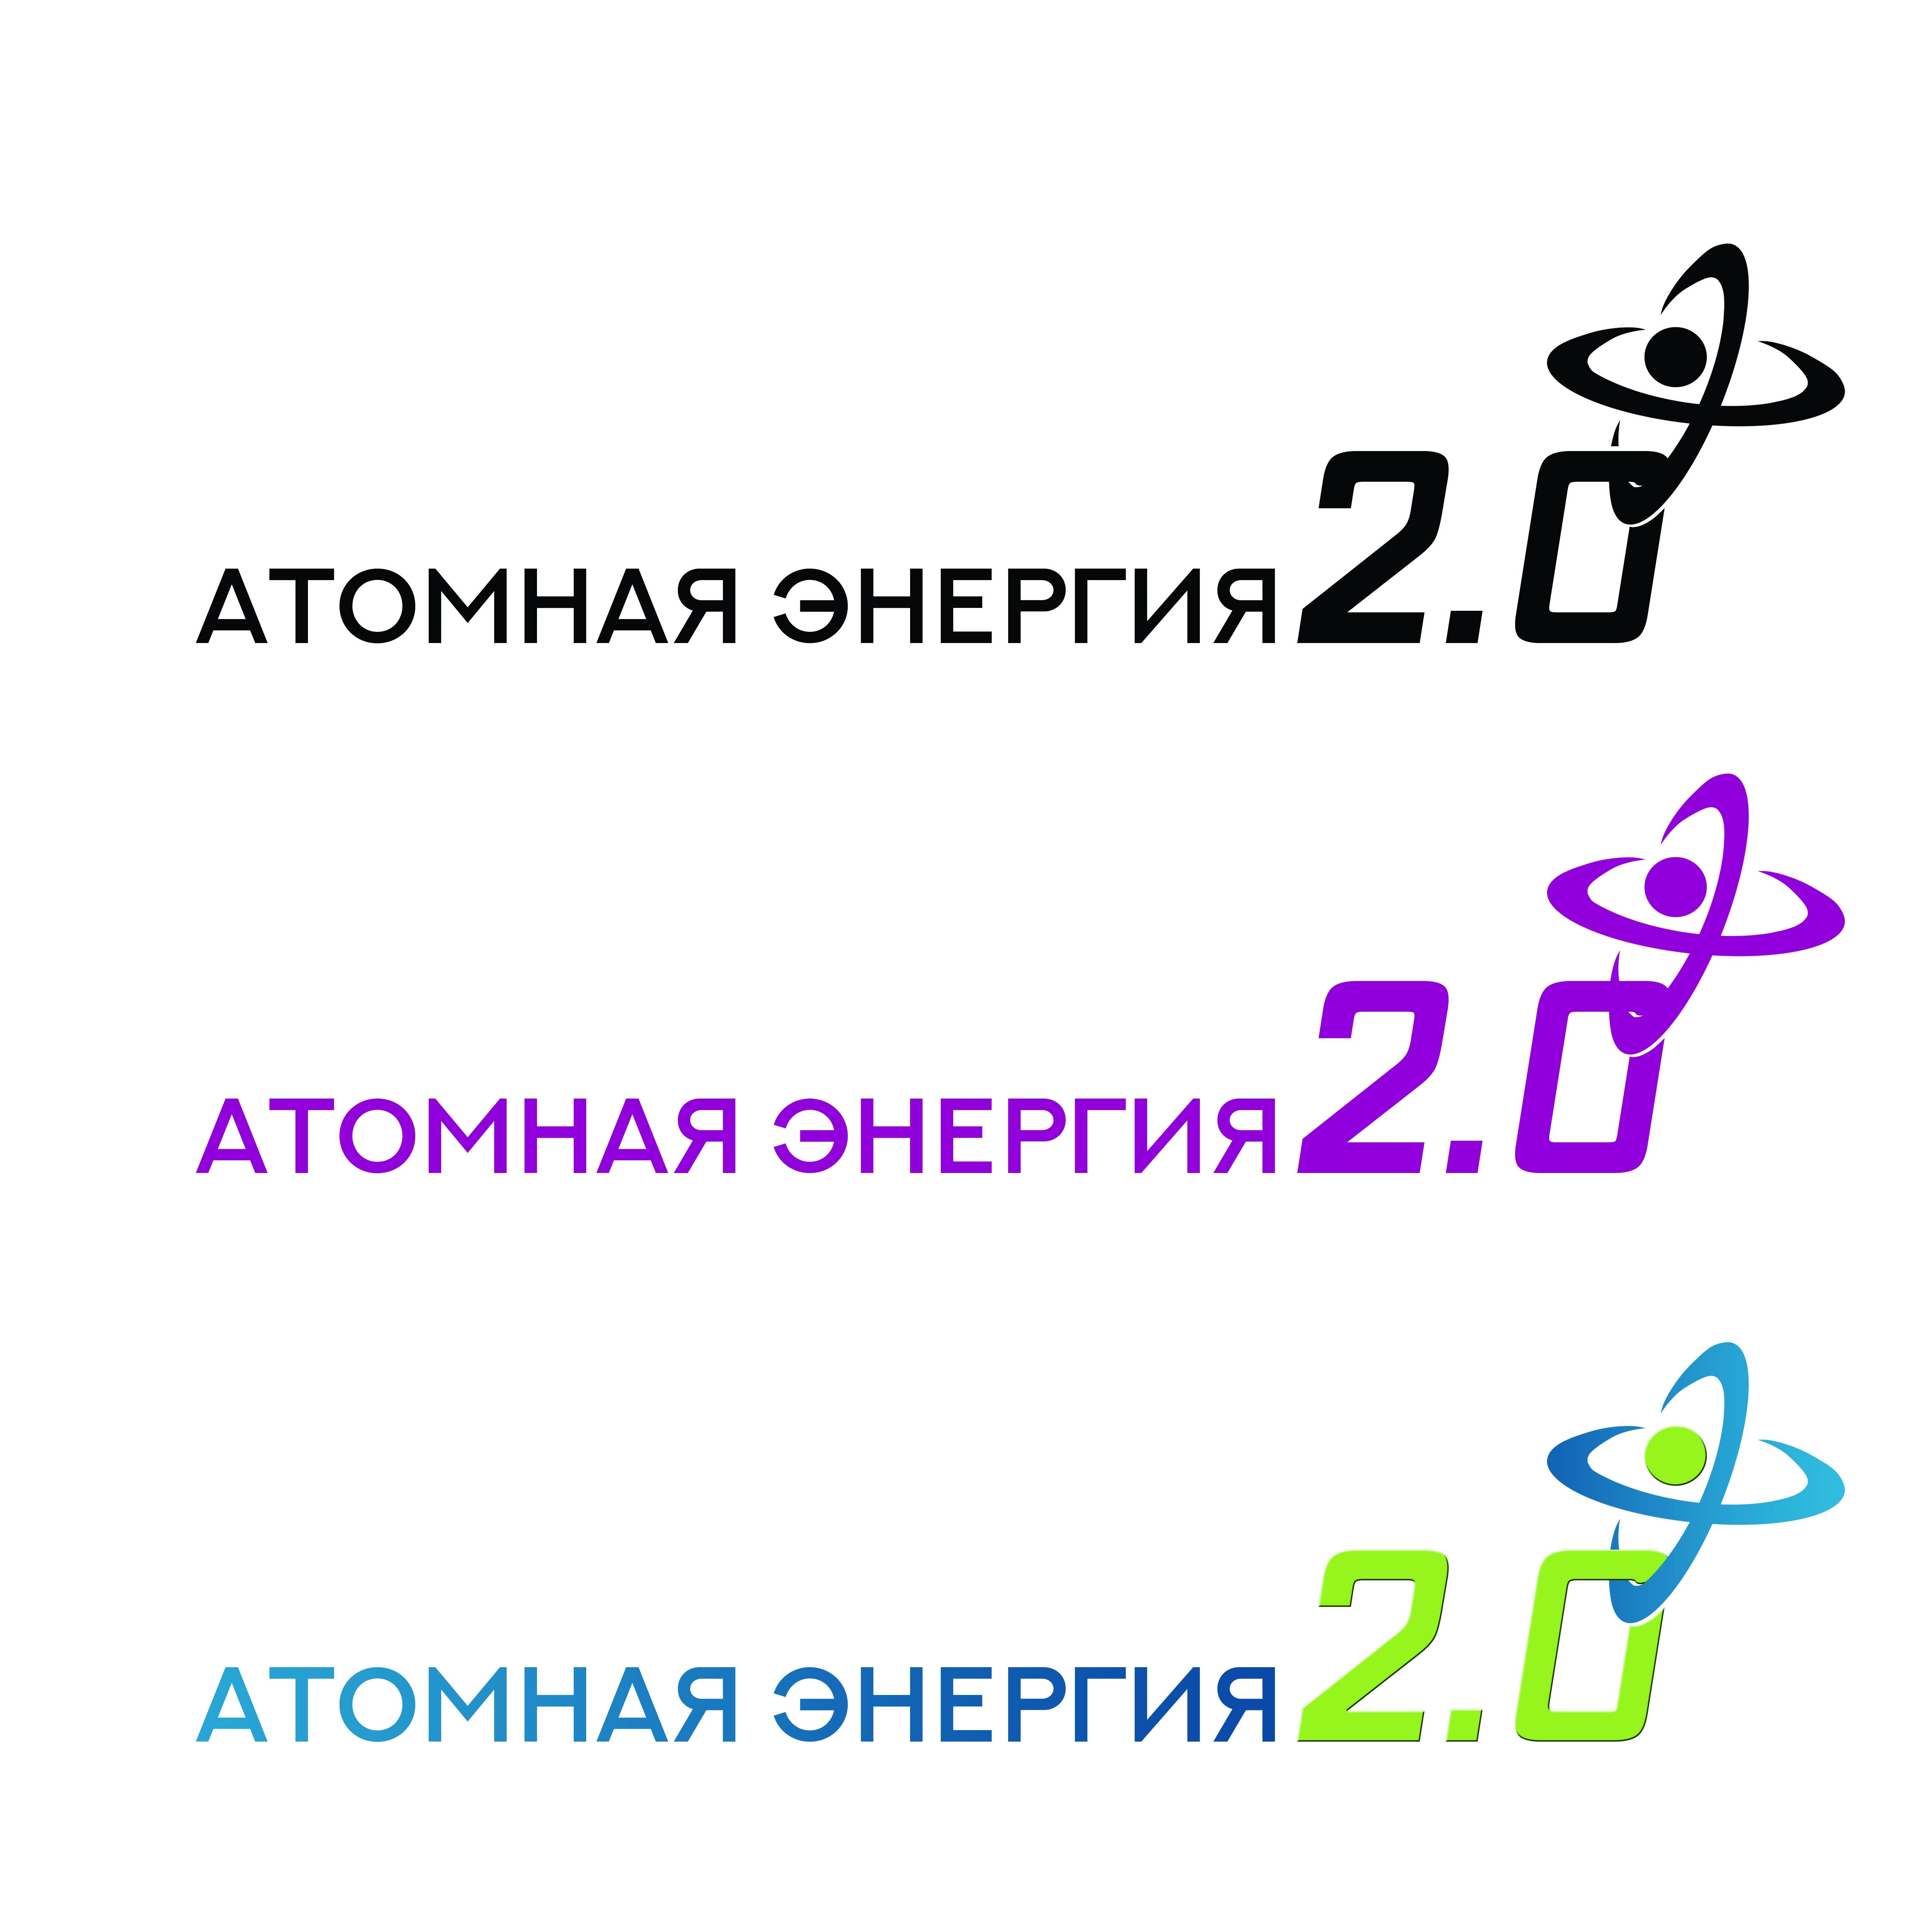 """Фирменный стиль для научного портала """"Атомная энергия 2.0"""" фото f_44559f5cf9a08ec3.jpg"""